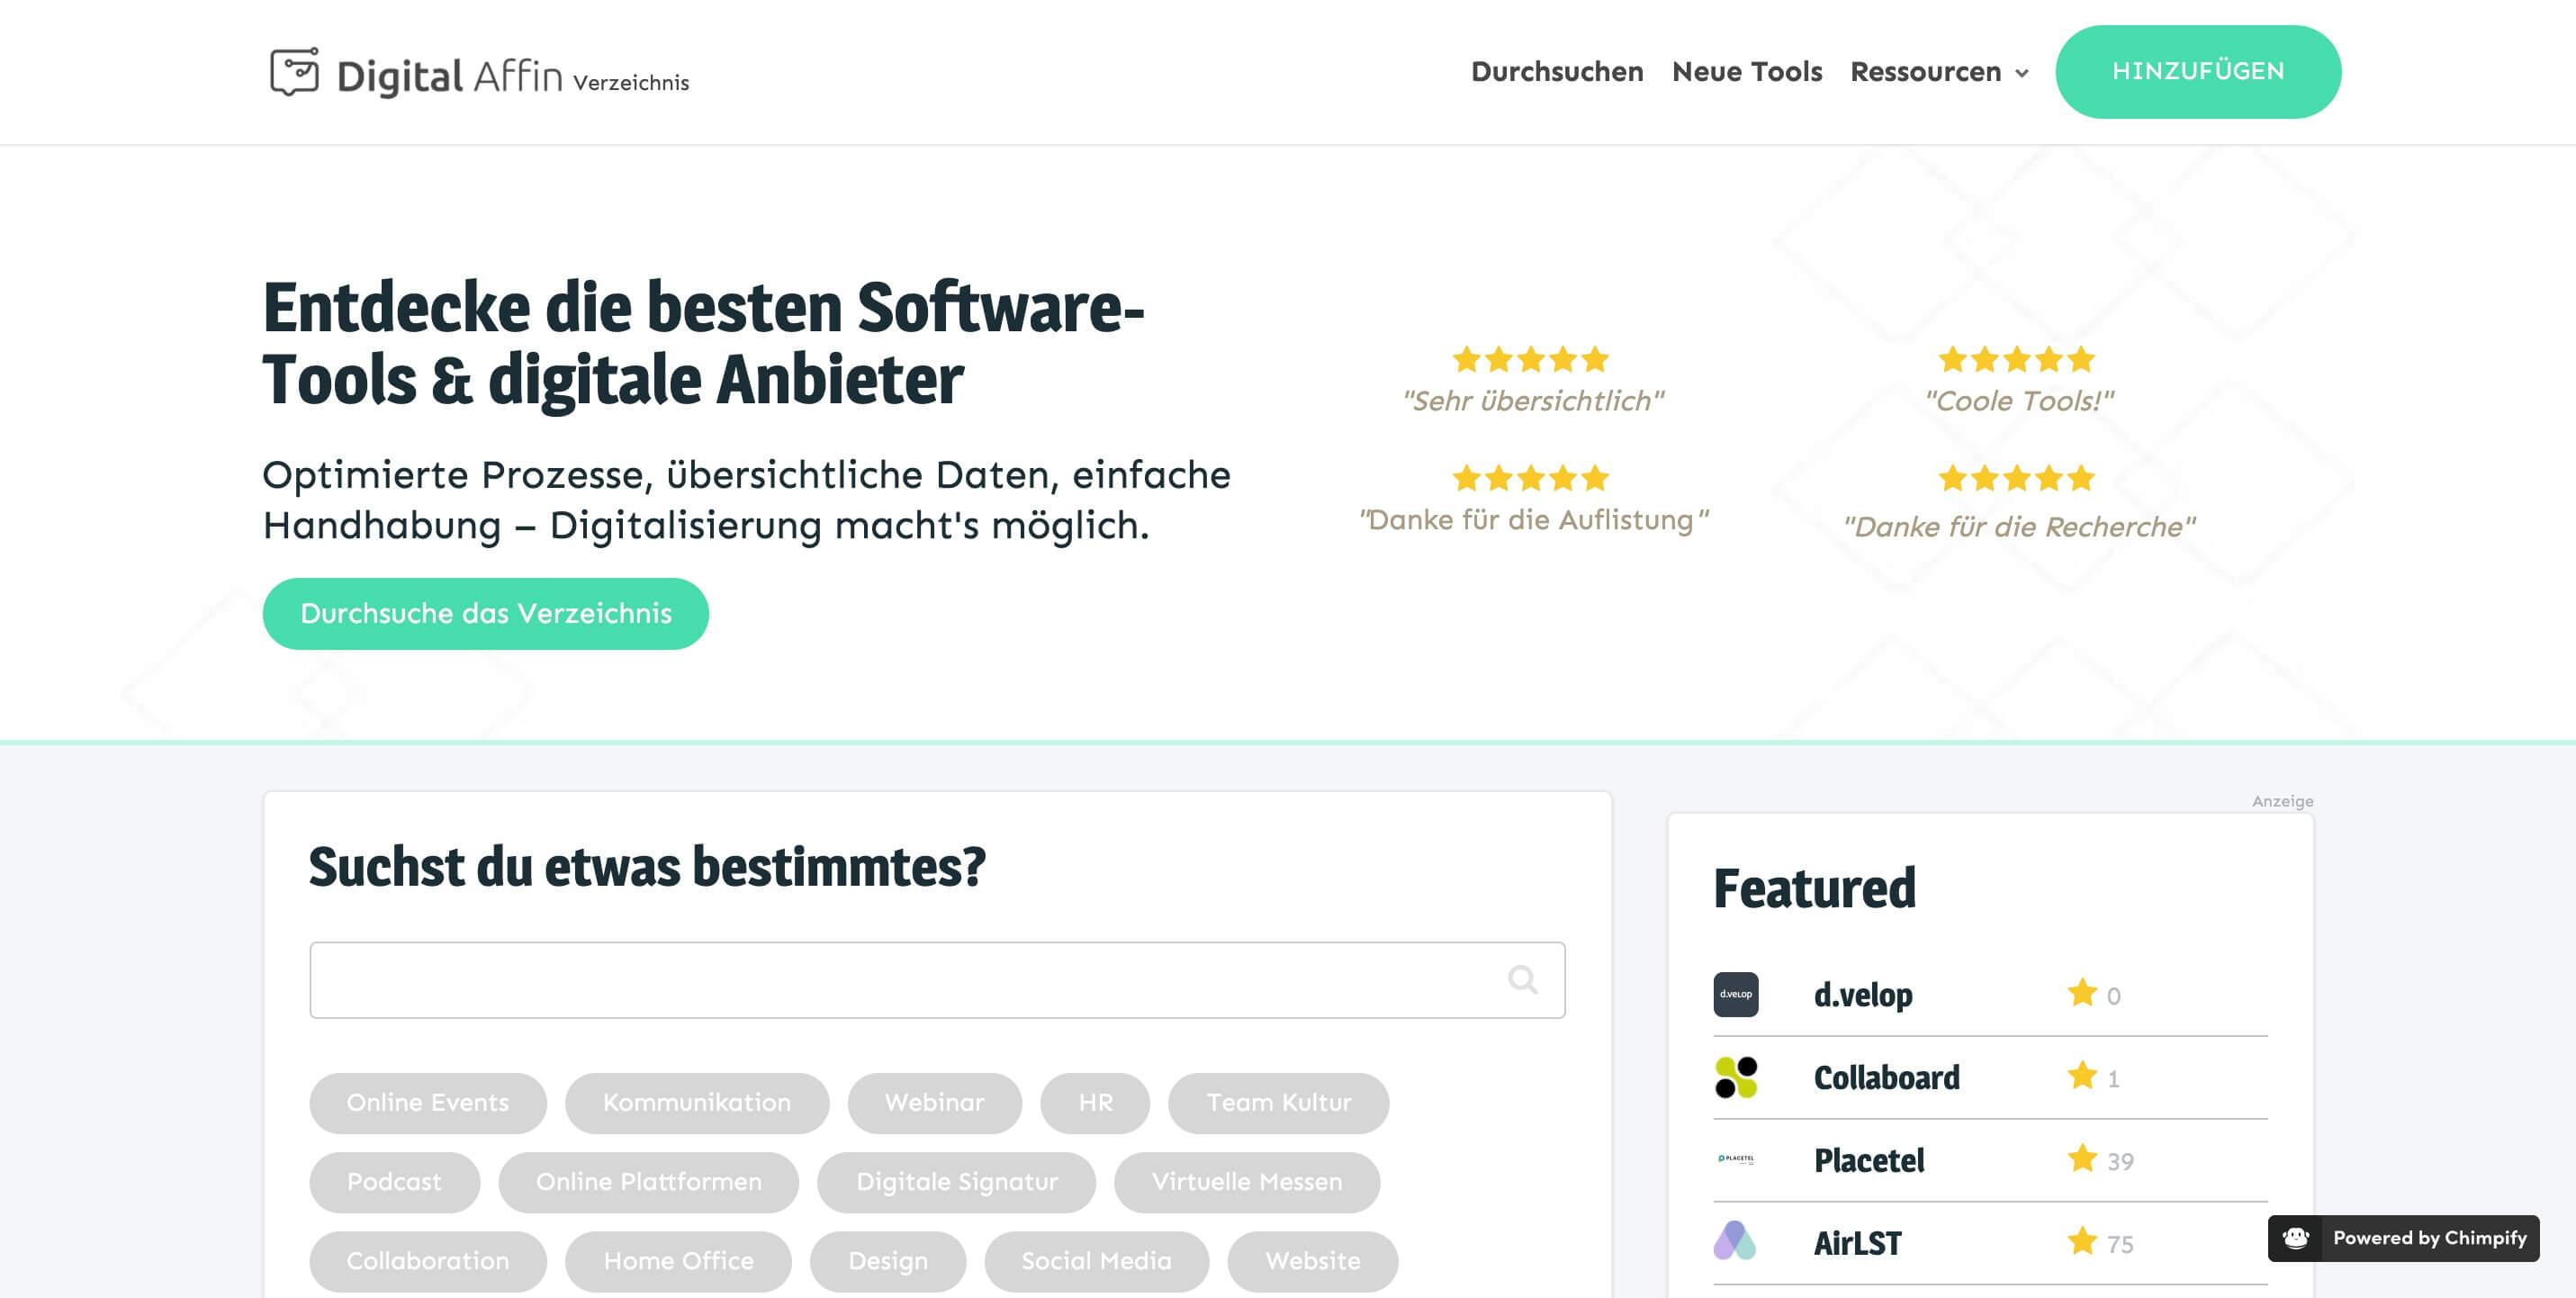 Digital Affin Verzeichnis Entdecke die beste Software 1